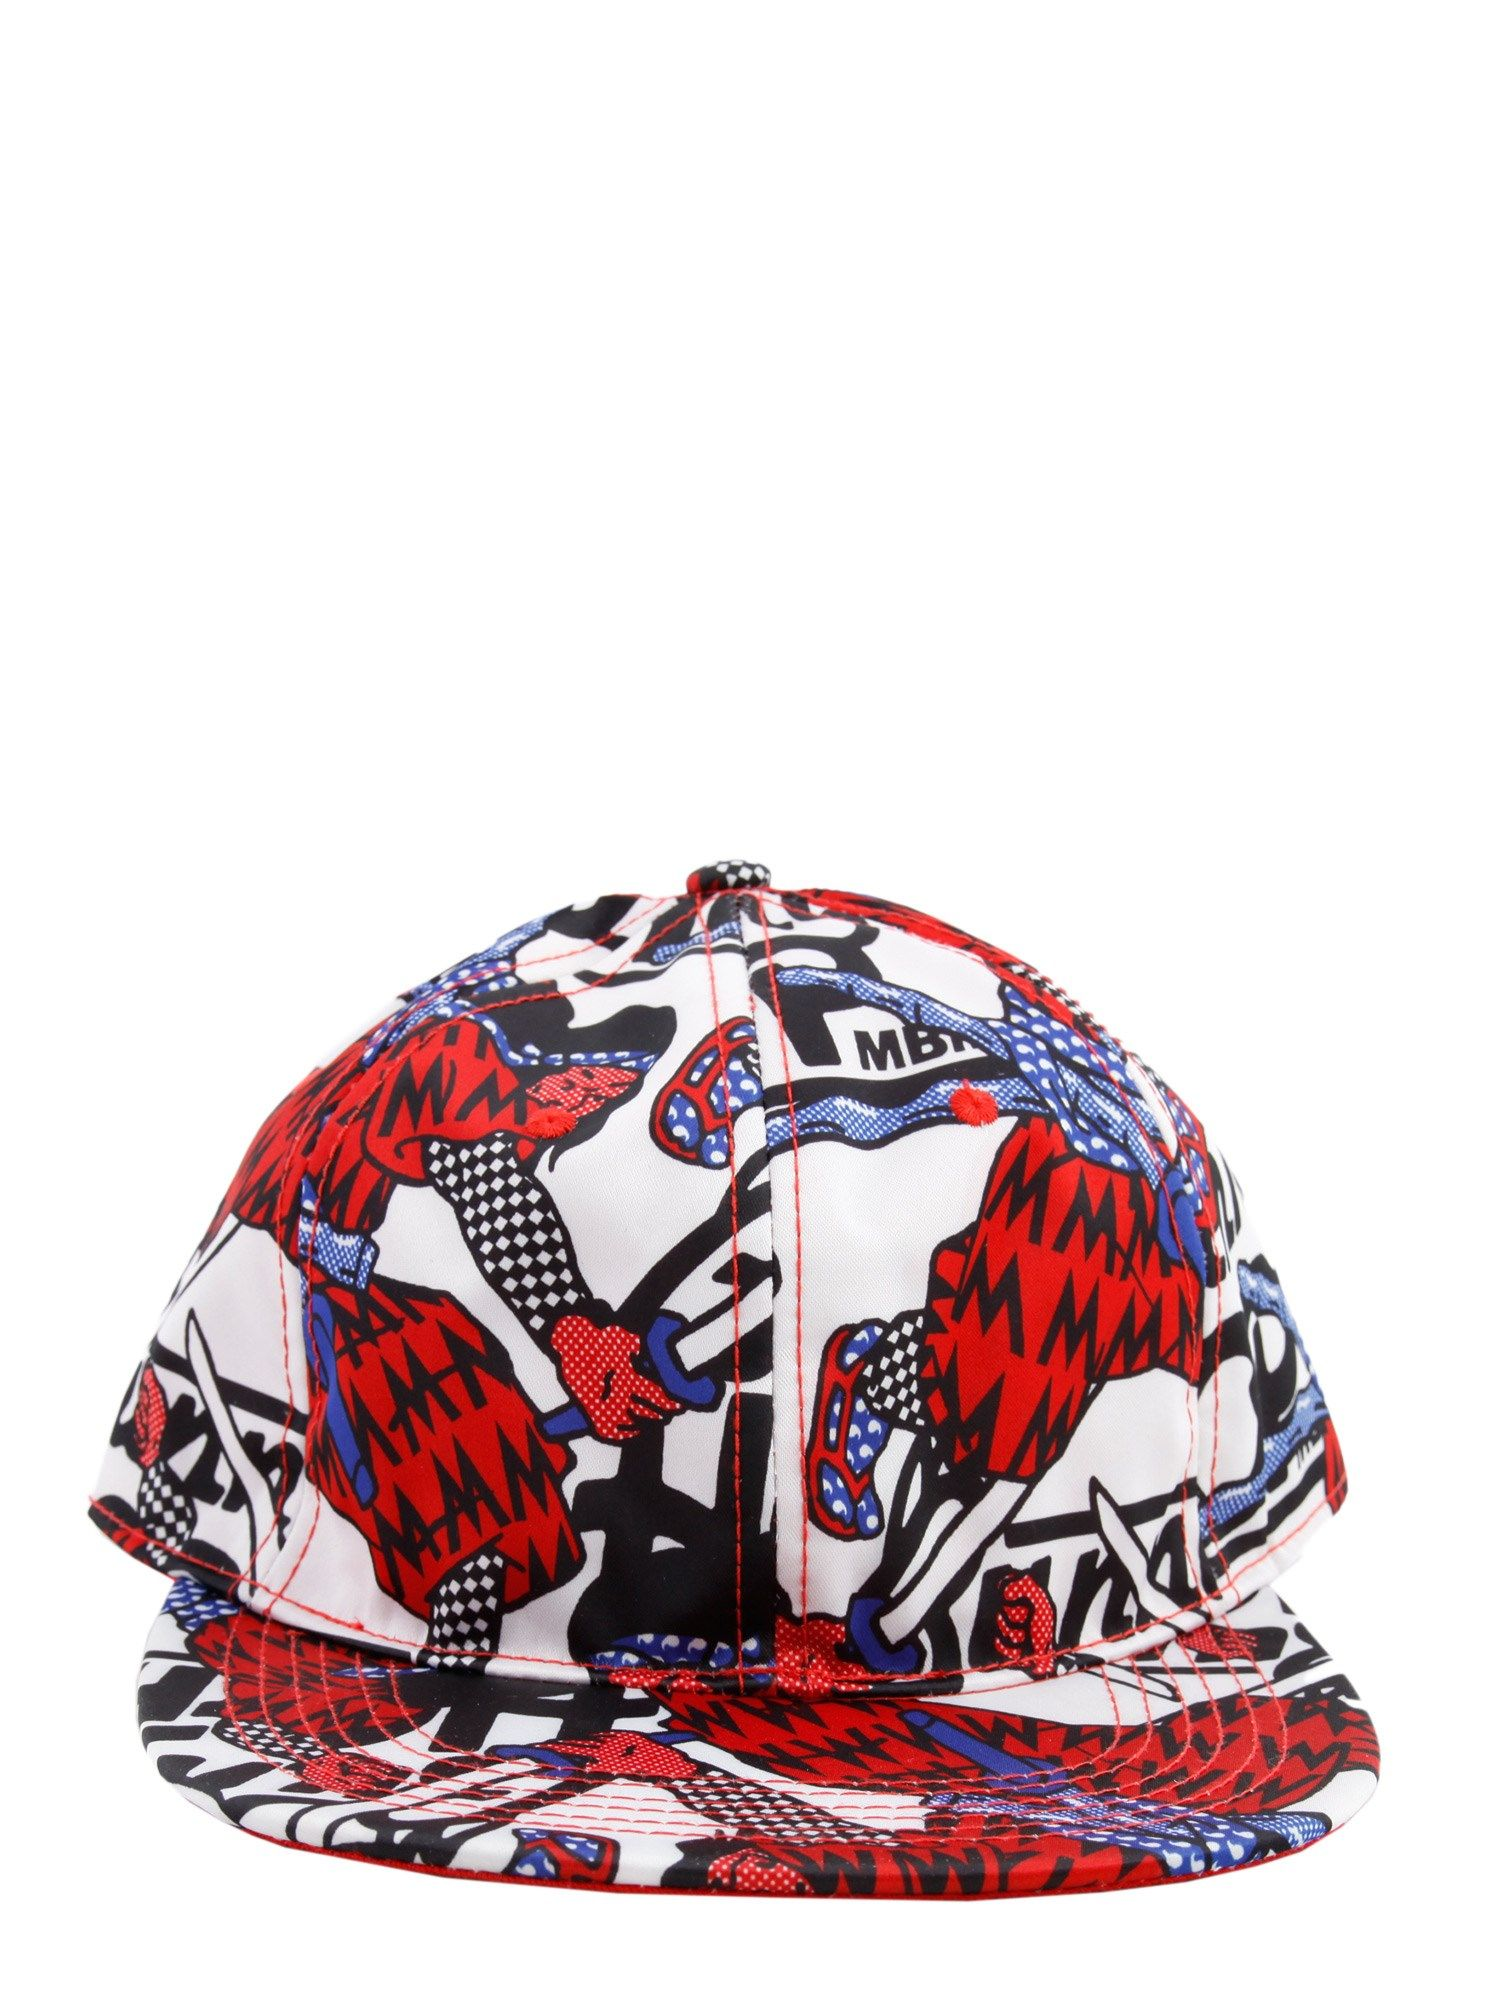 Samurai Print Cap